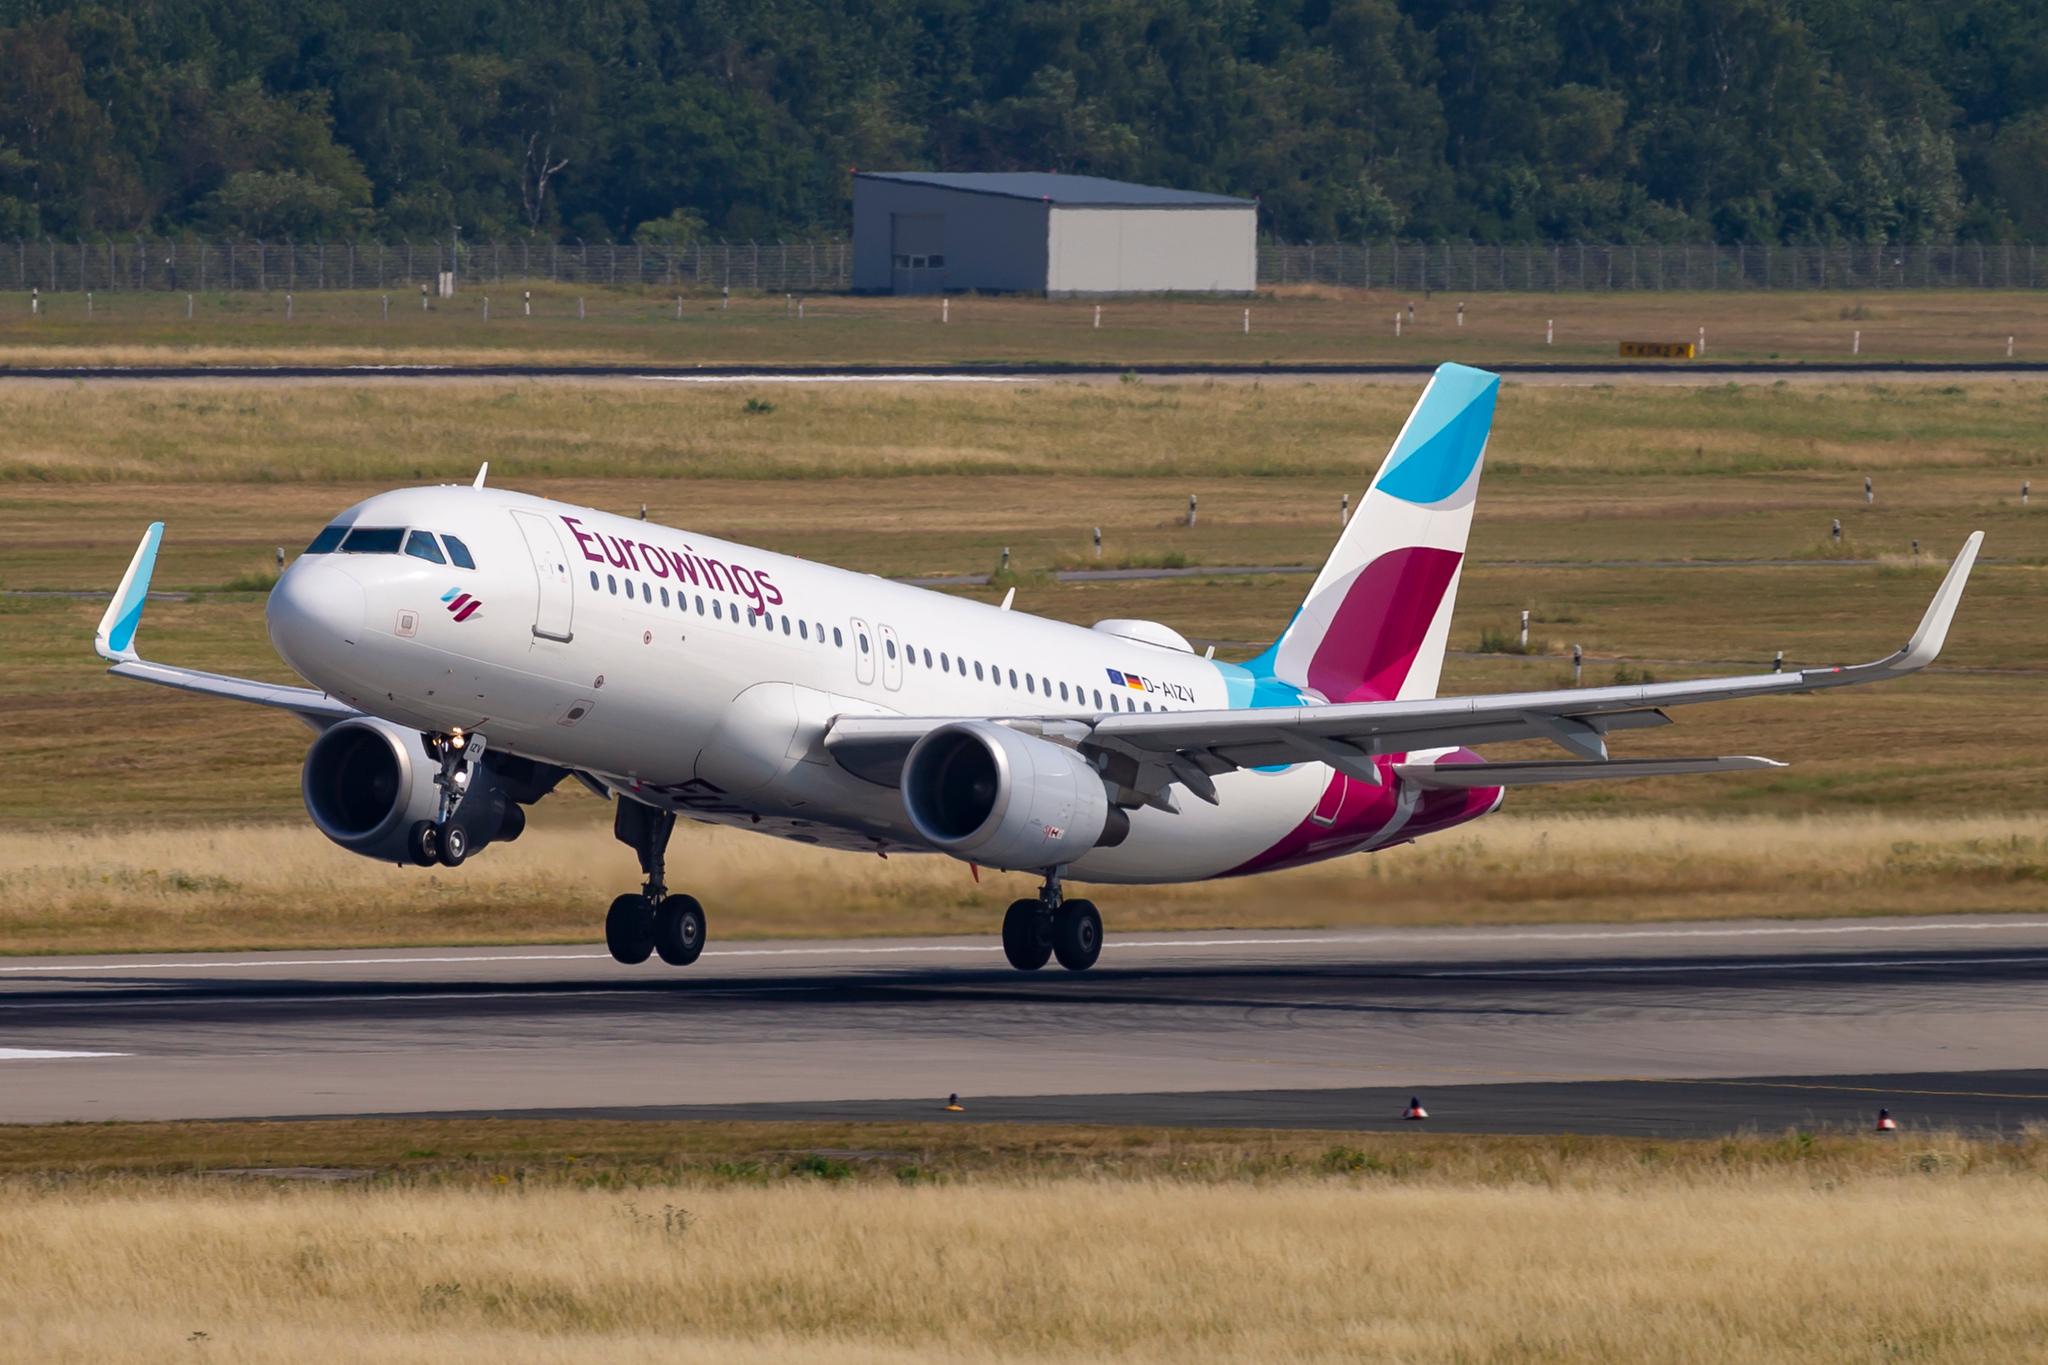 En Airbus A320 fra tyske Eurowings fløj forleden mod Sardinien, men måtte returnere til Düsseldorf da den italienske lufthavn stadig var lukket. (Arkivfoto: © Thorbjørn Brunander Sund, Danish Aviation Photo)